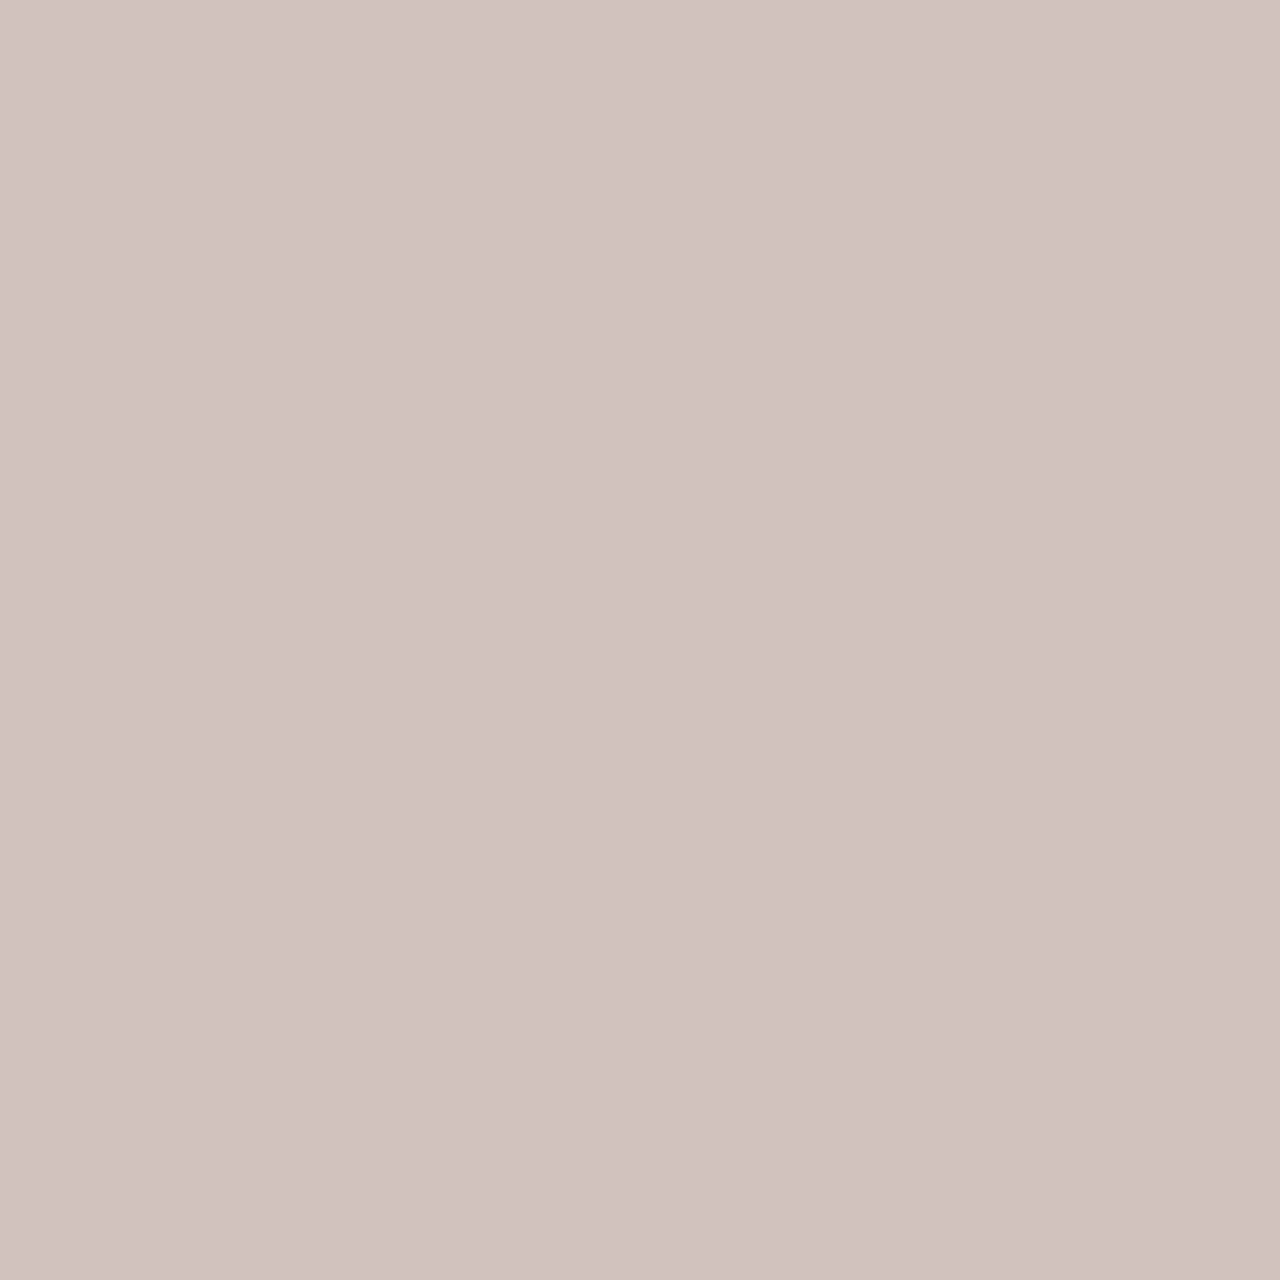 9213 Exclusiv